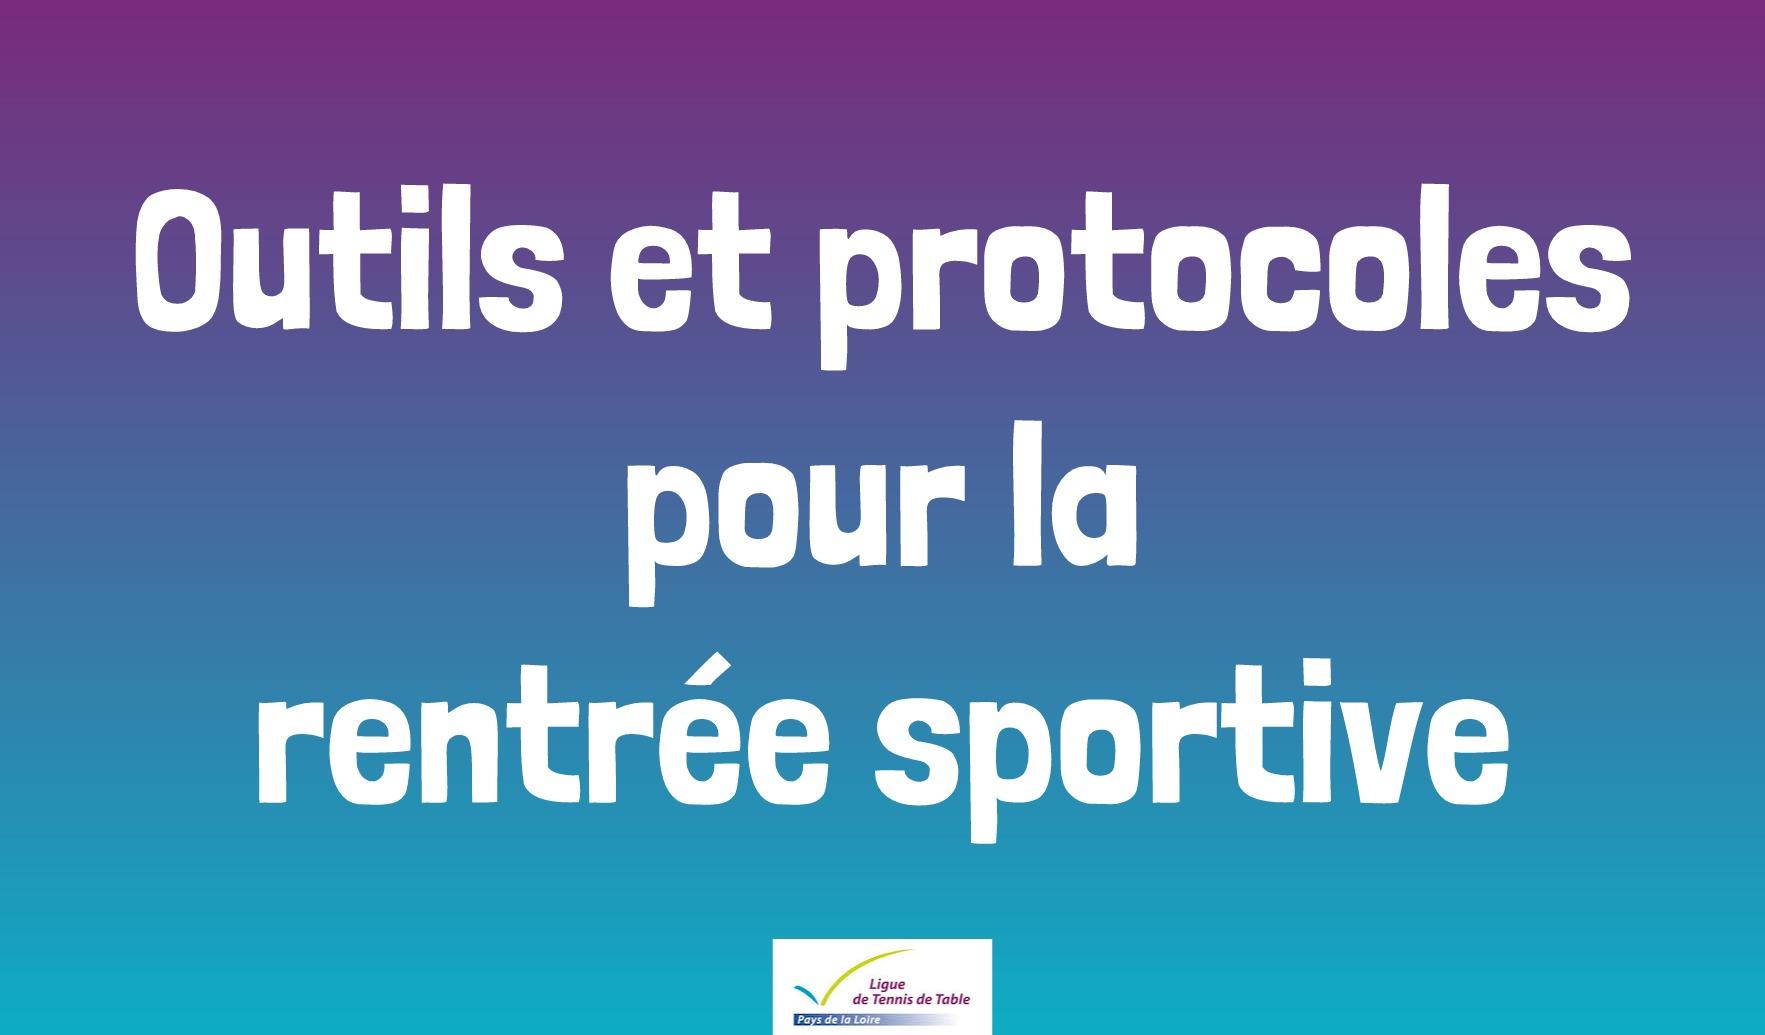 Outils et protocoles rentrée sportive